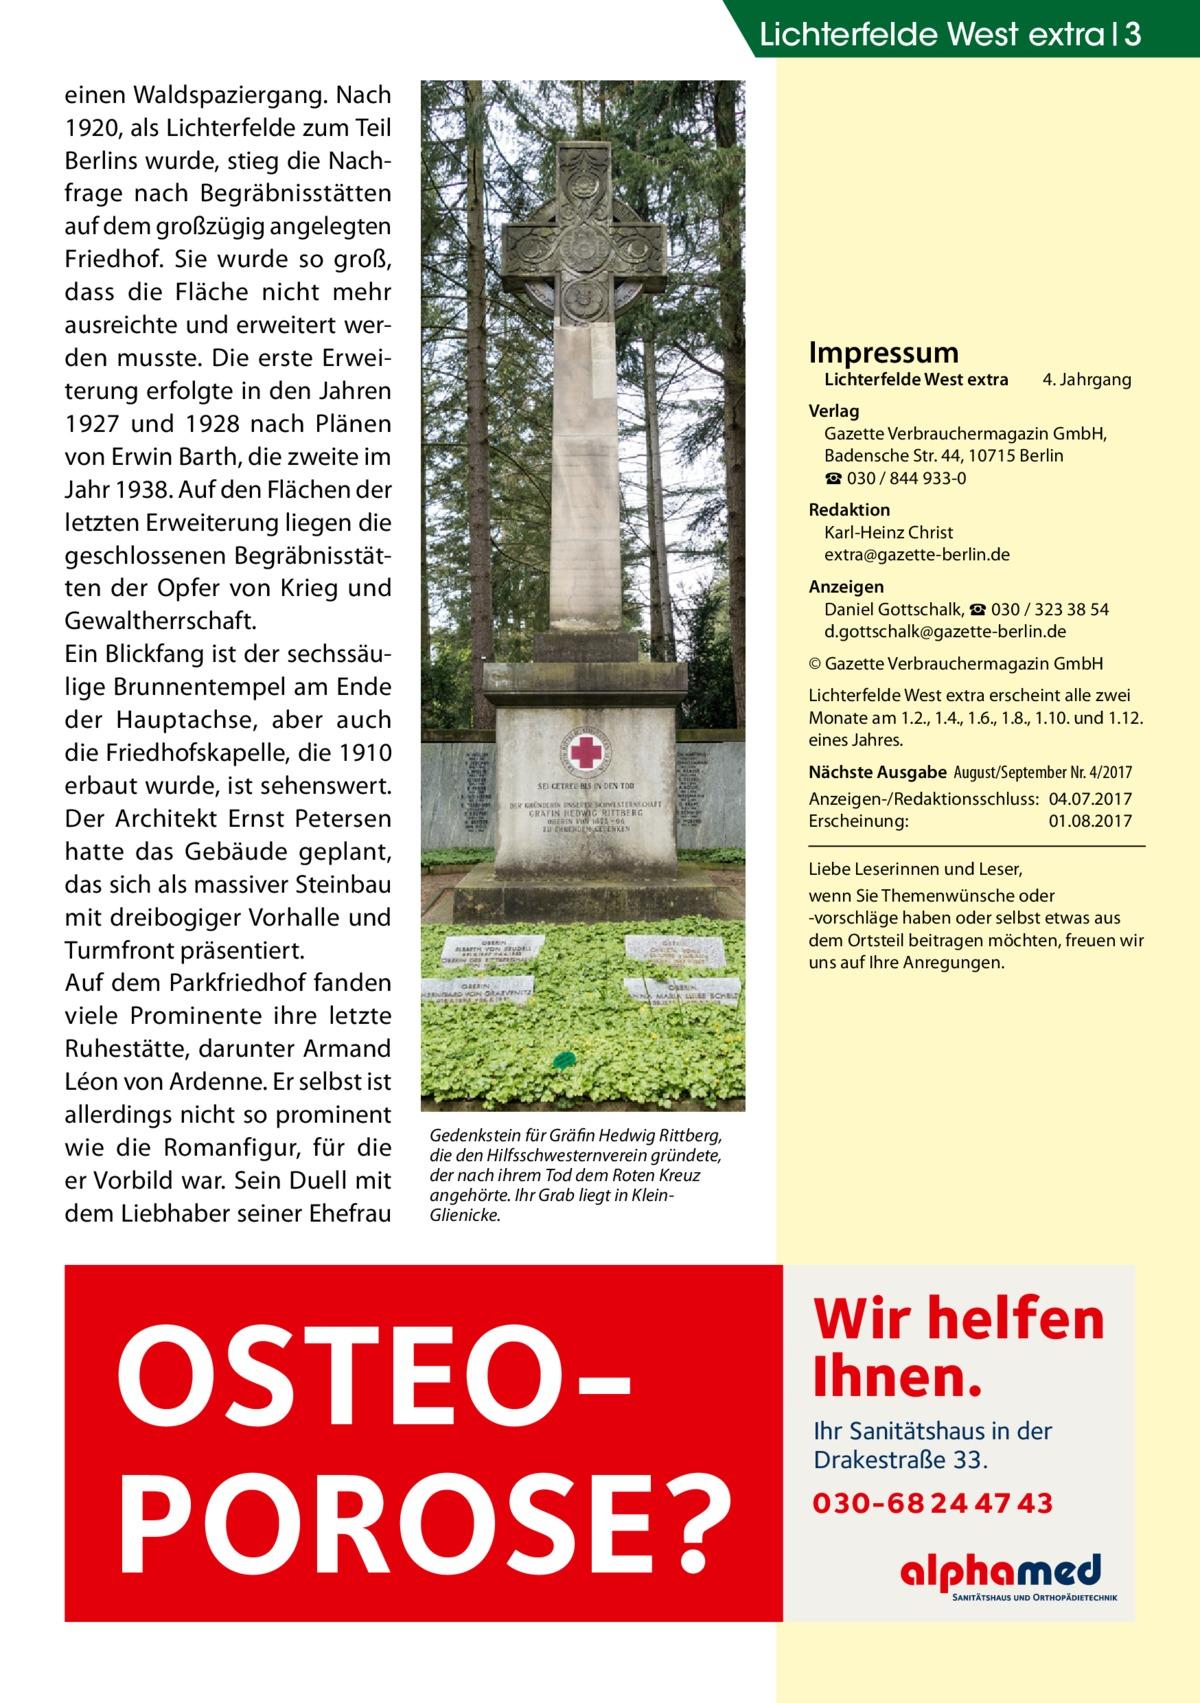 Lichterfelde West extra 3 einen Waldspaziergang. Nach 1920, als Lichterfelde zum Teil Berlins wurde, stieg die Nachfrage nach Begräbnisstätten auf dem großzügig angelegten Friedhof. Sie wurde so groß, dass die Fläche nicht mehr ausreichte und erweitert werden musste. Die erste Erweiterung erfolgte in den Jahren 1927 und 1928 nach Plänen von Erwin Barth, die zweite im Jahr 1938. Auf den Flächen der letzten Erweiterung liegen die geschlossenen Begräbnisstätten der Opfer von Krieg und Gewaltherrschaft. Ein Blickfang ist der sechssäulige Brunnentempel am Ende der Hauptachse, aber auch die Friedhofskapelle, die 1910 erbaut wurde, ist sehenswert. Der Architekt Ernst Petersen hatte das Gebäude geplant, das sich als massiver Steinbau mit dreibogiger Vorhalle und Turmfront präsentiert. Auf dem Parkfriedhof fanden viele Prominente ihre letzte Ruhestätte, darunter Armand Léon von Ardenne. Er selbst ist allerdings nicht so prominent wie die Romanfigur, für die er Vorbild war. Sein Duell mit dem Liebhaber seiner Ehefrau  Impressum  Lichterfelde West extra  4. Jahrgang  Verlag Gazette Verbrauchermagazin GmbH, BadenscheStr.44, 10715Berlin ☎ 030 / 844 933-0 Redaktion Karl-Heinz Christ extra@gazette-berlin.de Anzeigen Daniel Gottschalk, ☎ 030 / 323 38 54 d.gottschalk@gazette-berlin.de © Gazette Verbrauchermagazin GmbH Lichterfelde West extra erscheint alle zwei Monate am 1.2., 1.4., 1.6., 1.8., 1.10. und 1.12. eines Jahres. Nächste Ausgabe August/September Nr. 4/2017 Anzeigen-/Redaktionsschluss:04.07.2017 Erscheinung:01.08.2017 Liebe Leserinnen und Leser, wenn Sie Themenwünsche oder -vorschläge haben oder selbst etwas aus dem Ortsteil beitragen möchten, freuen wir uns auf Ihre Anregungen.  Gedenkstein für Gräfin Hedwig Rittberg, die den Hilfsschwesternverein gründete, der nach ihrem Tod dem Roten Kreuz angehörte. Ihr Grab liegt in KleinGlienicke.  OSTEOPOROSE?  Wir helfen Ihnen. Ihr Sanitätshaus in der Drakestraße 33.  030-68 24 47 43